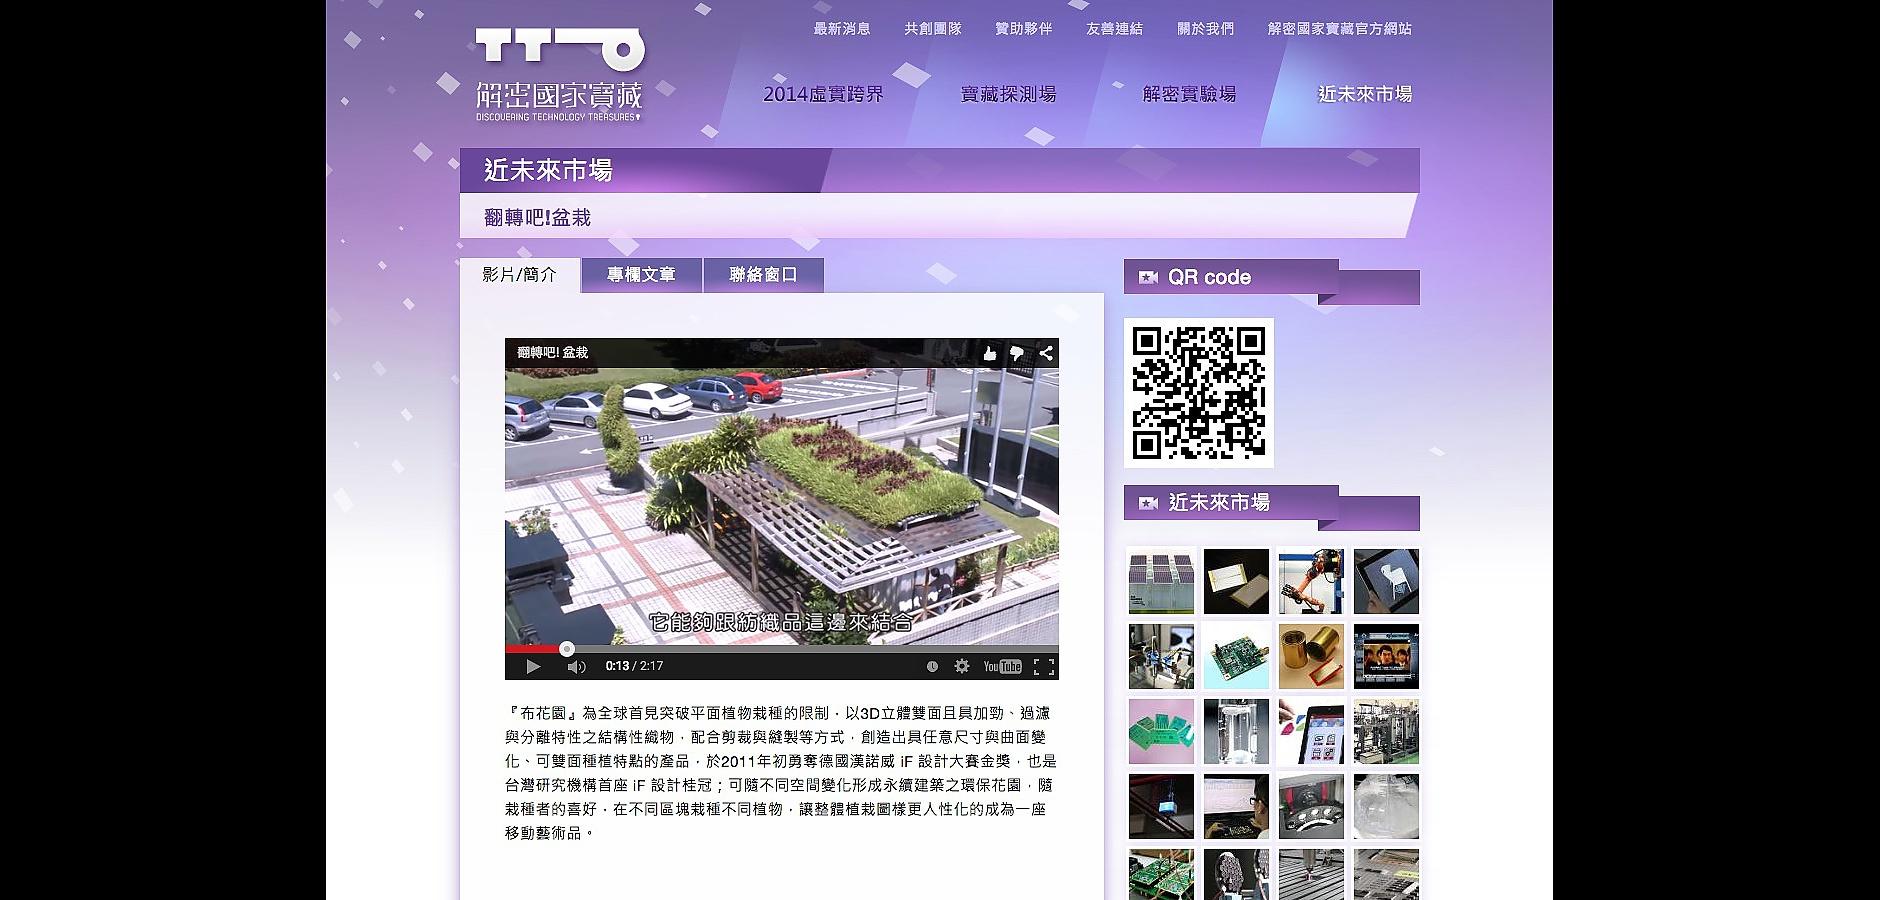 官方網站舊版技術頁面